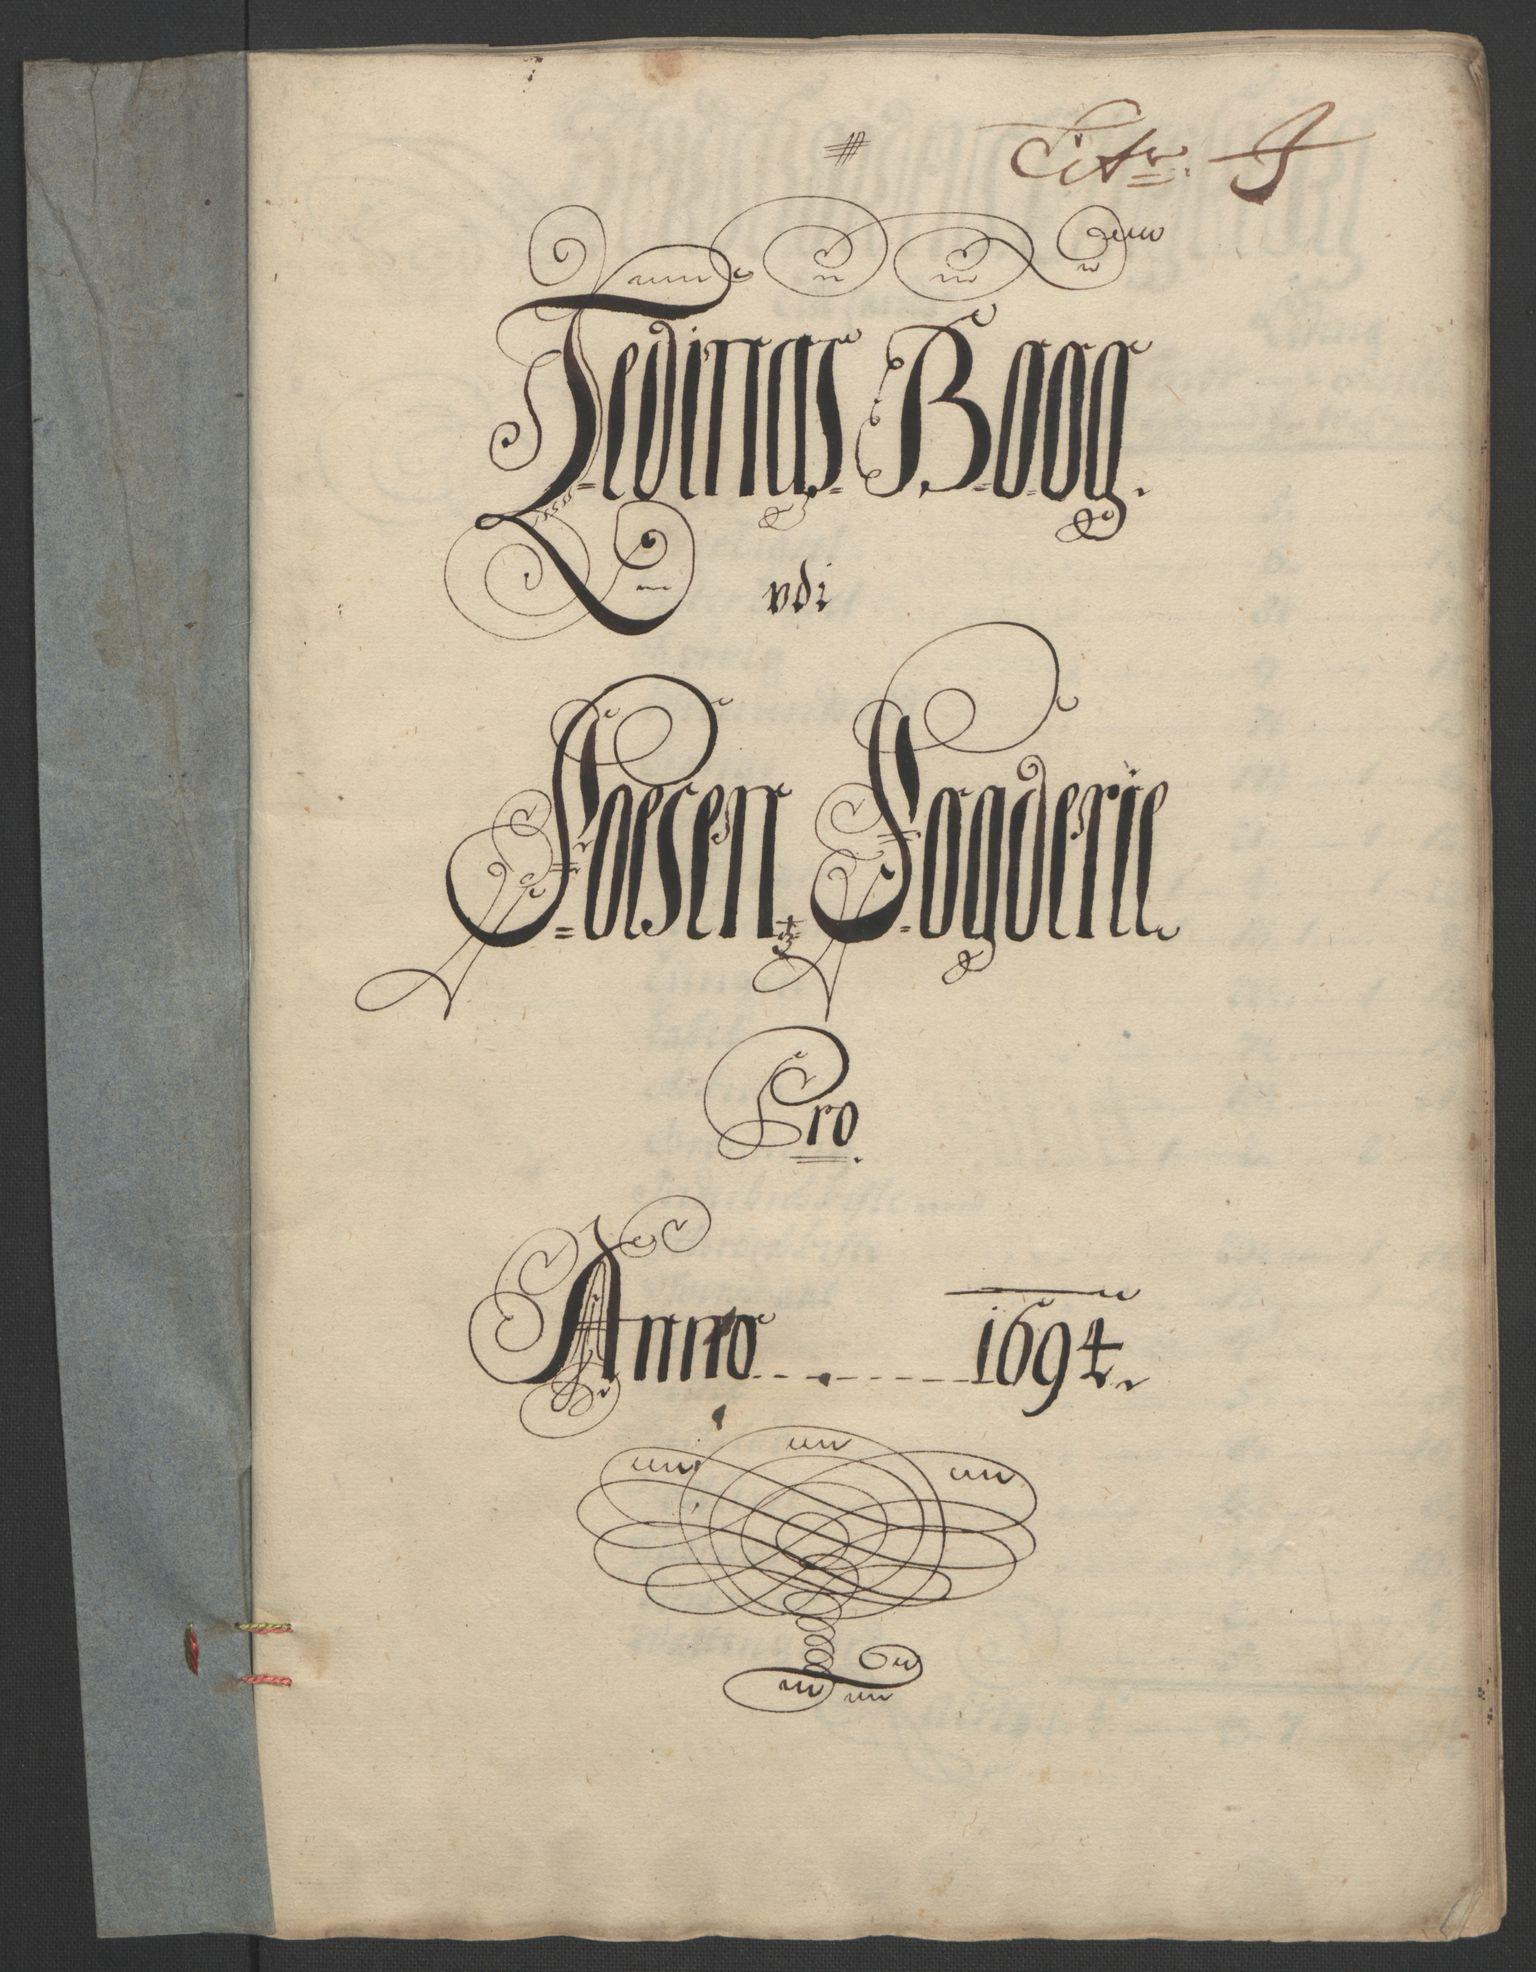 RA, Rentekammeret inntil 1814, Reviderte regnskaper, Fogderegnskap, R57/L3850: Fogderegnskap Fosen, 1694, s. 130